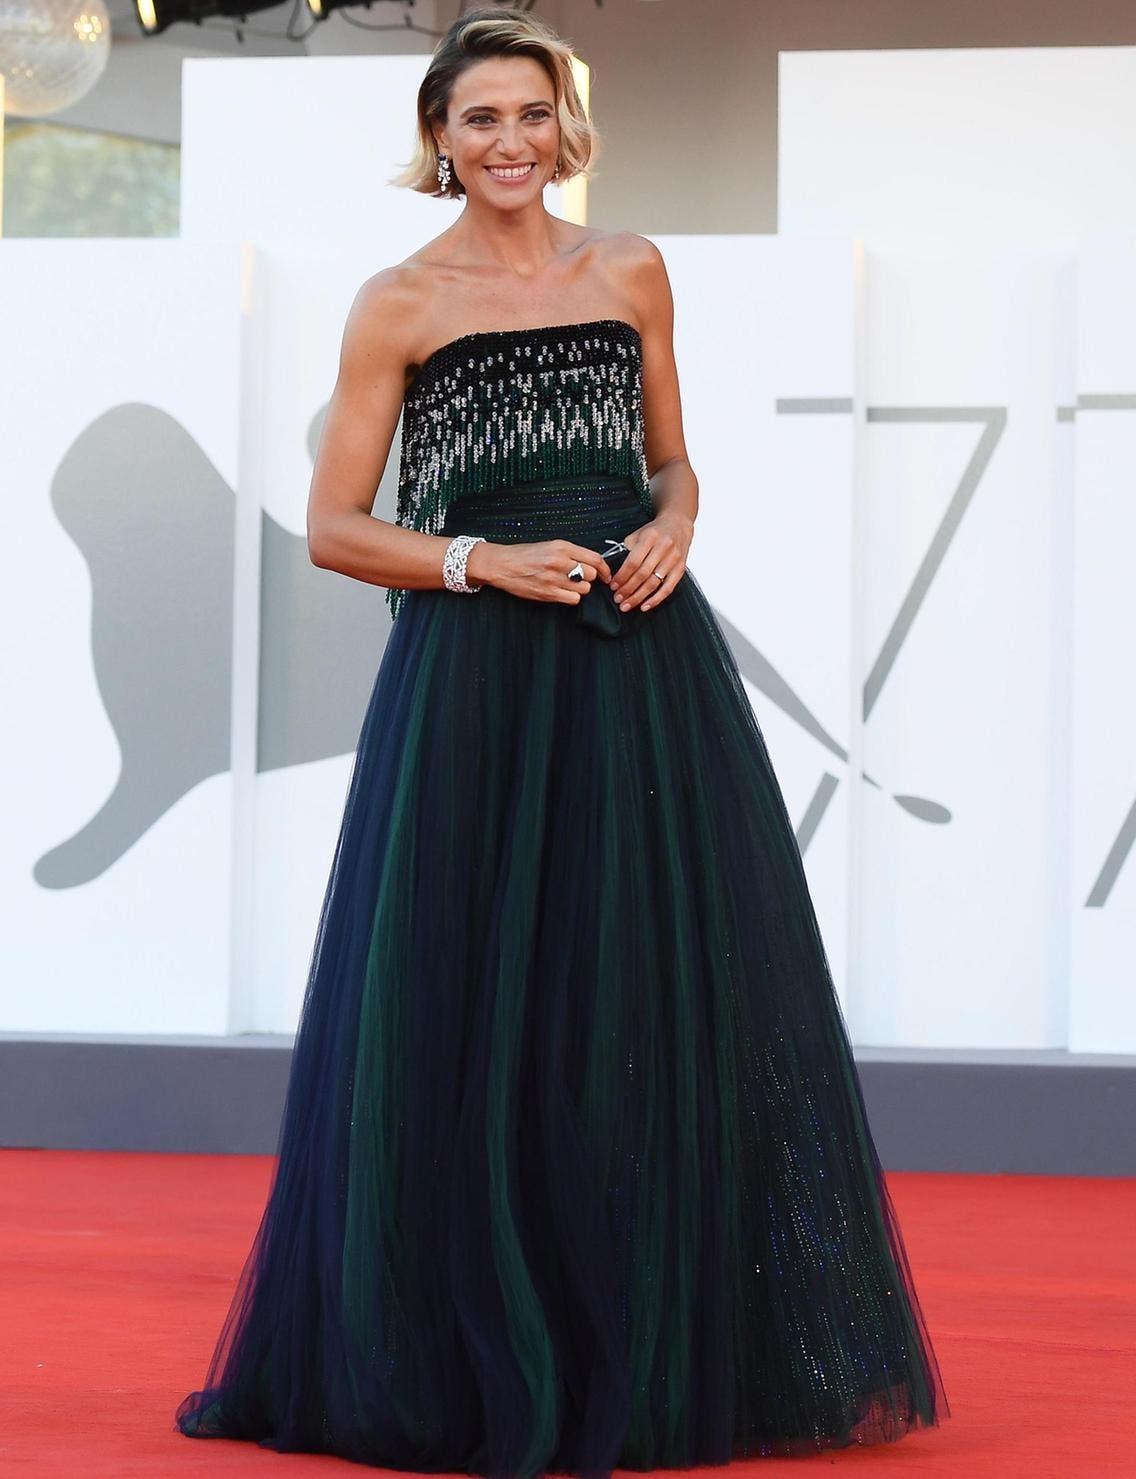 الممثلة الإيطالية آنا فولييتا بثوب من أرماني